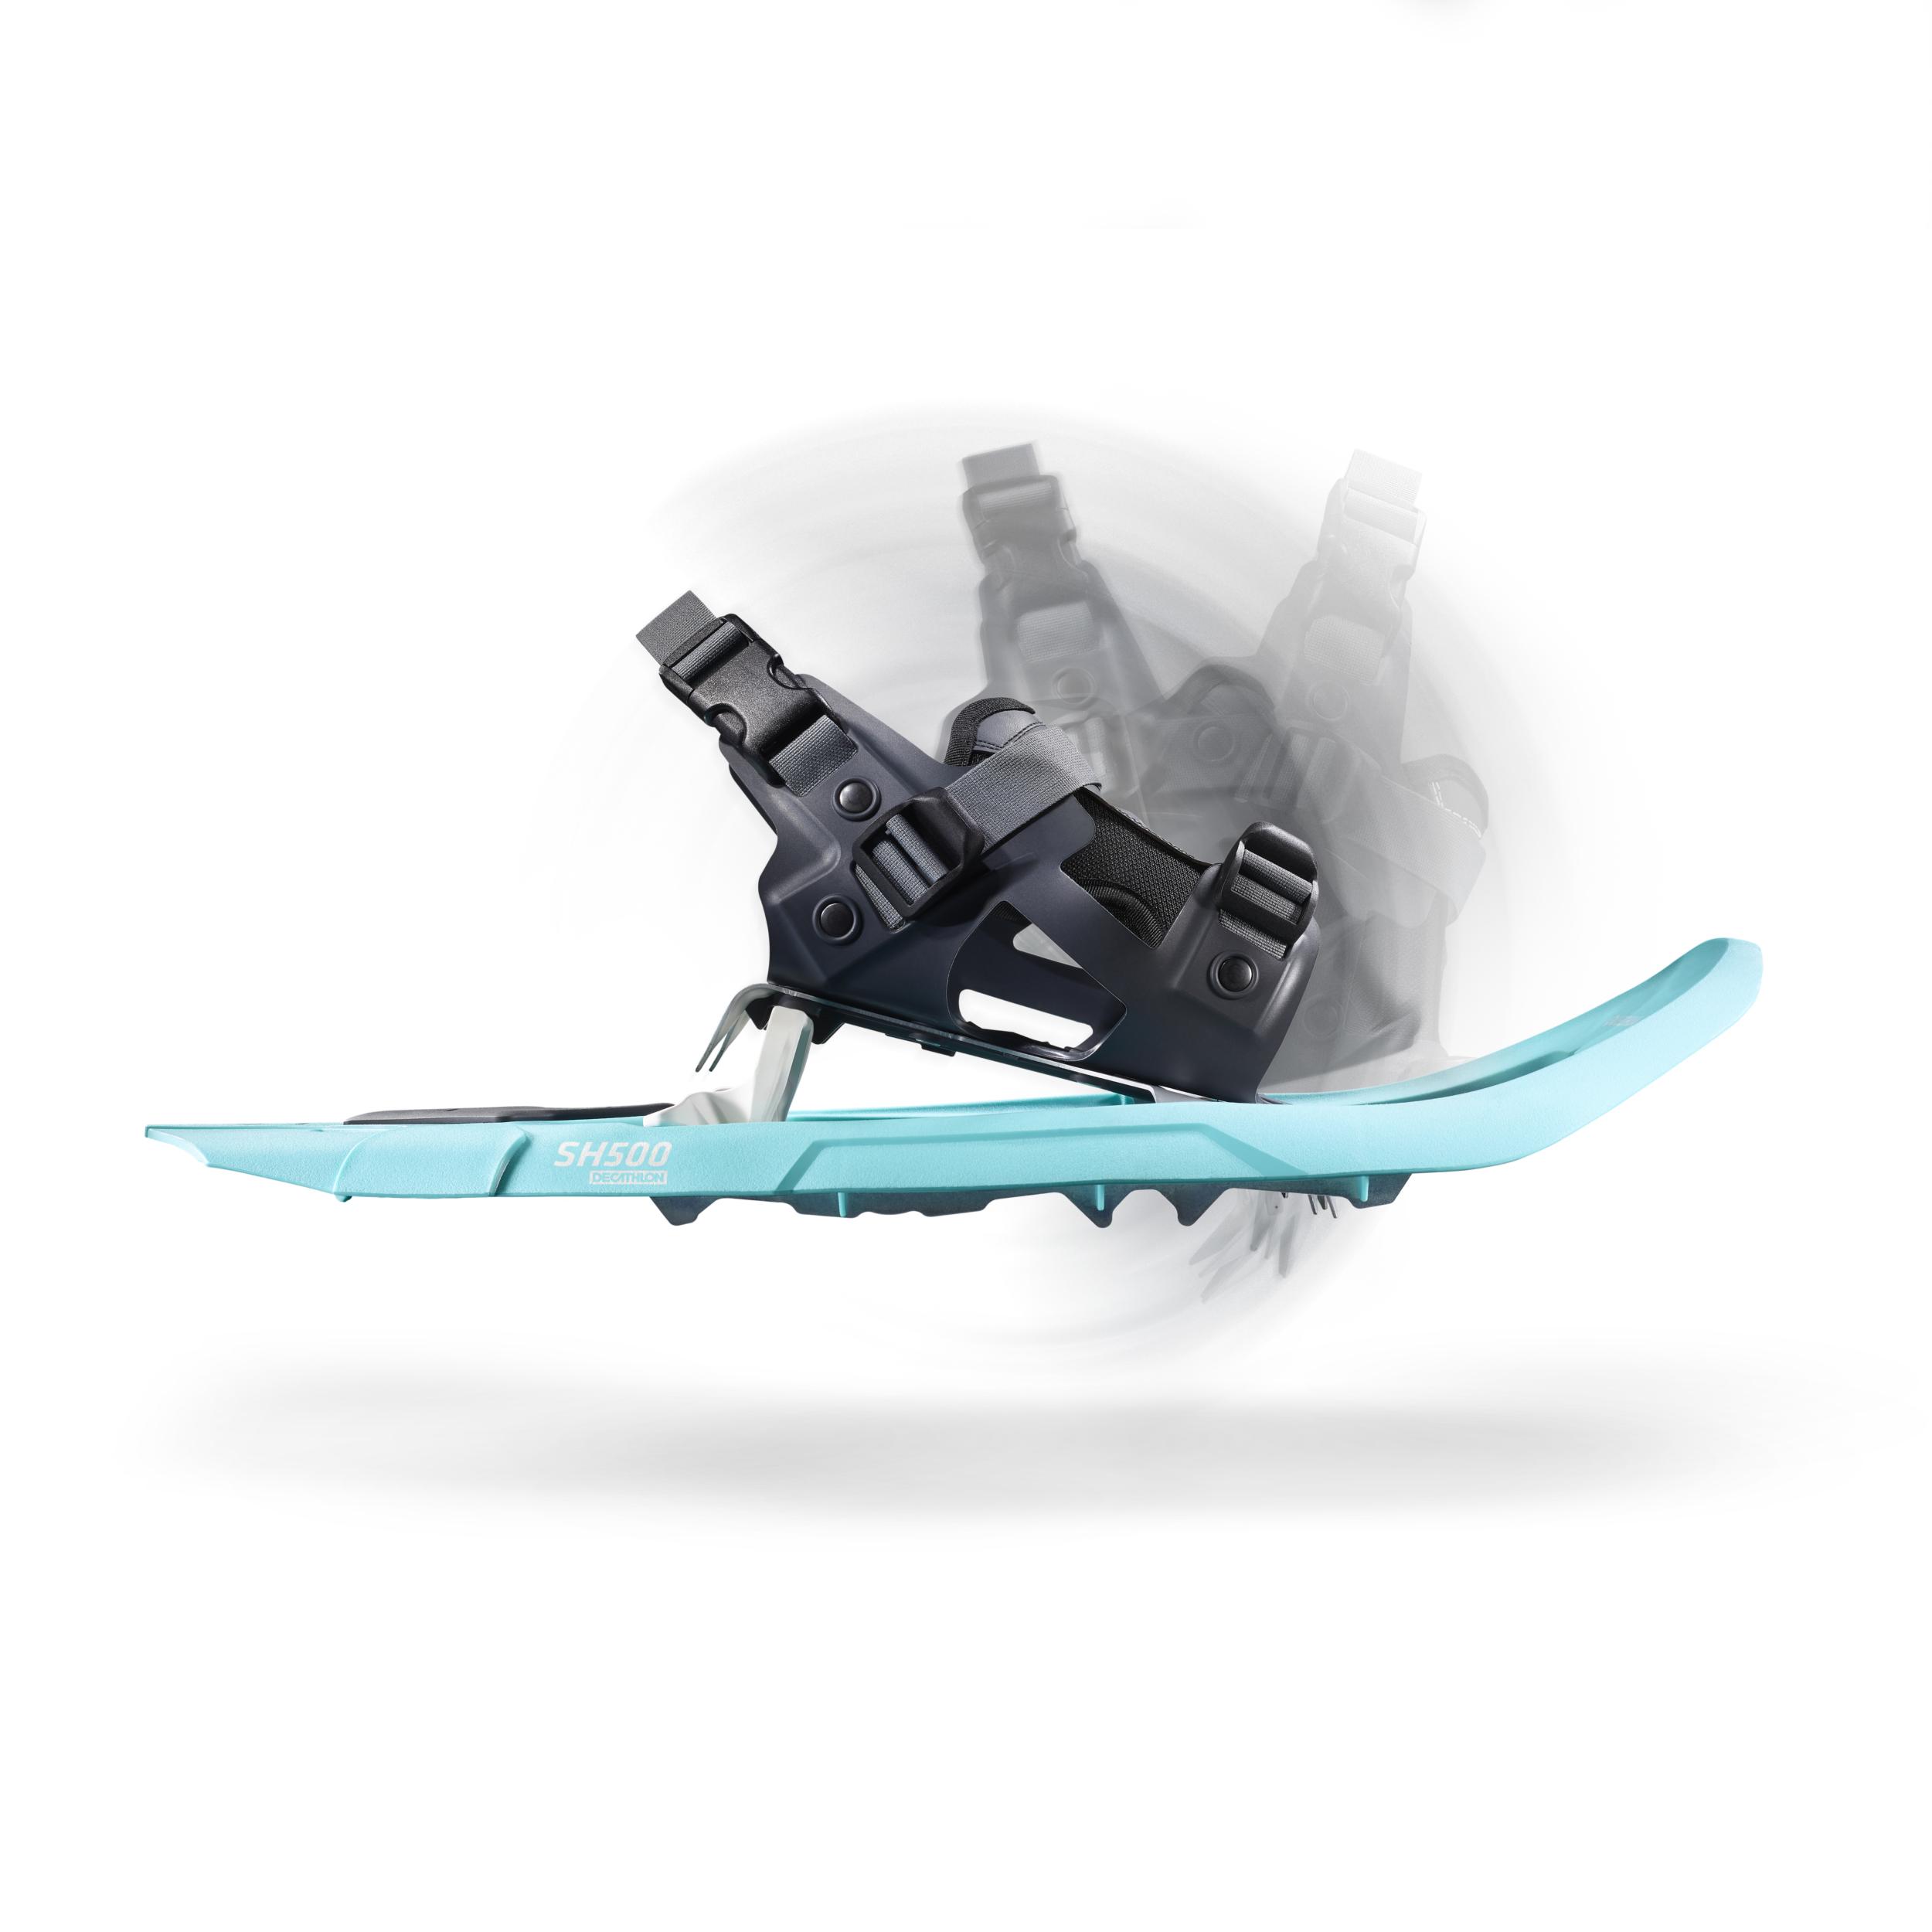 Schneeschuhe decathlon